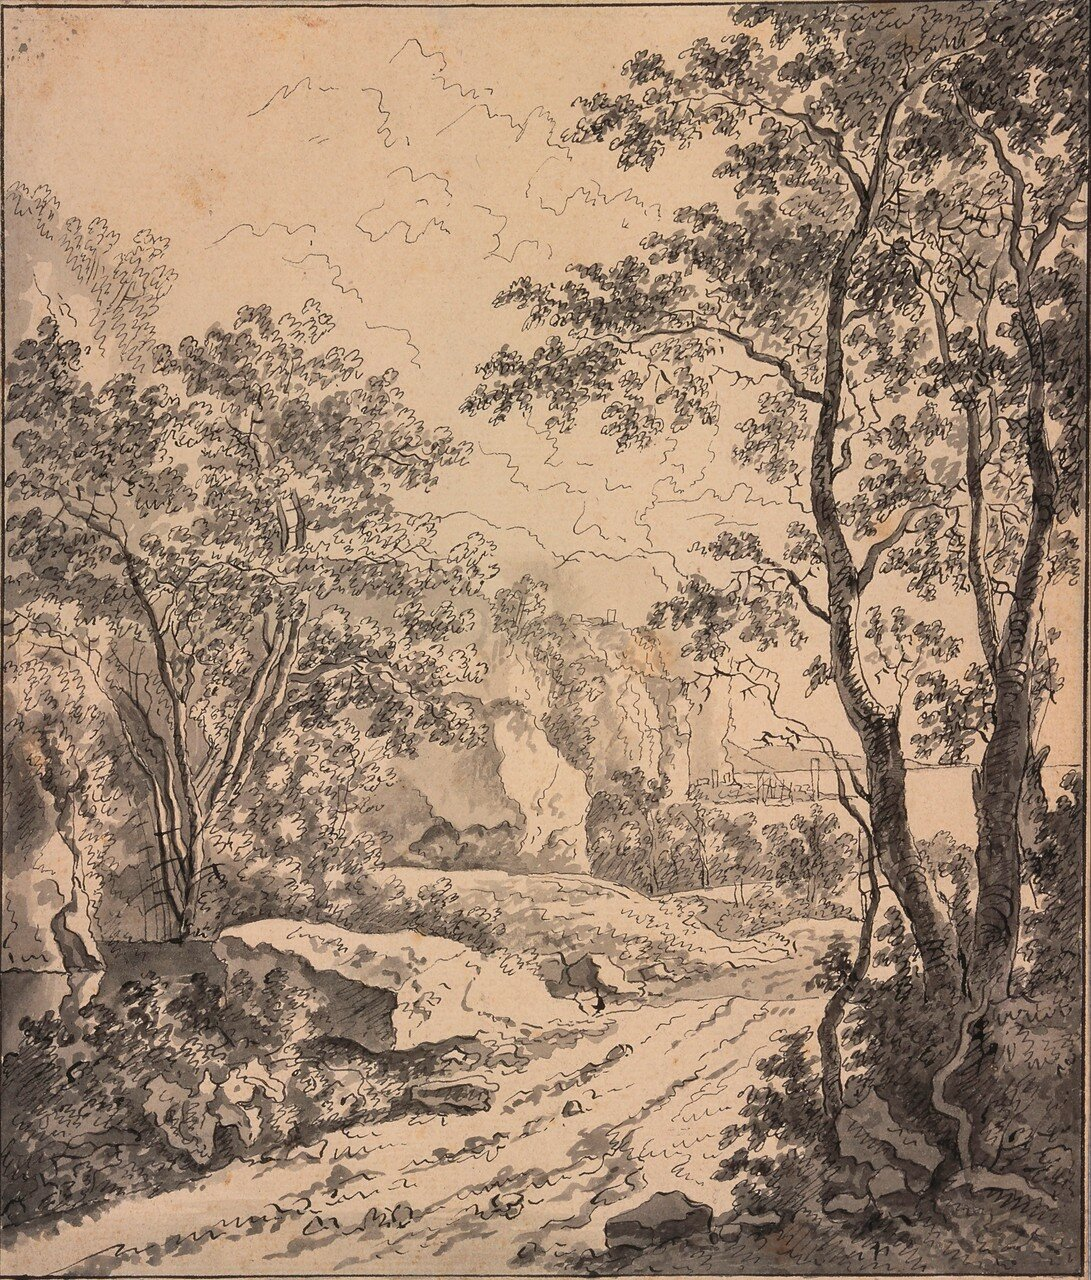 Итальянский пейзаж между Анконой и Синигаллией (1645) (241 х 206 мм) (Утрехт, Центральный музей).jpg